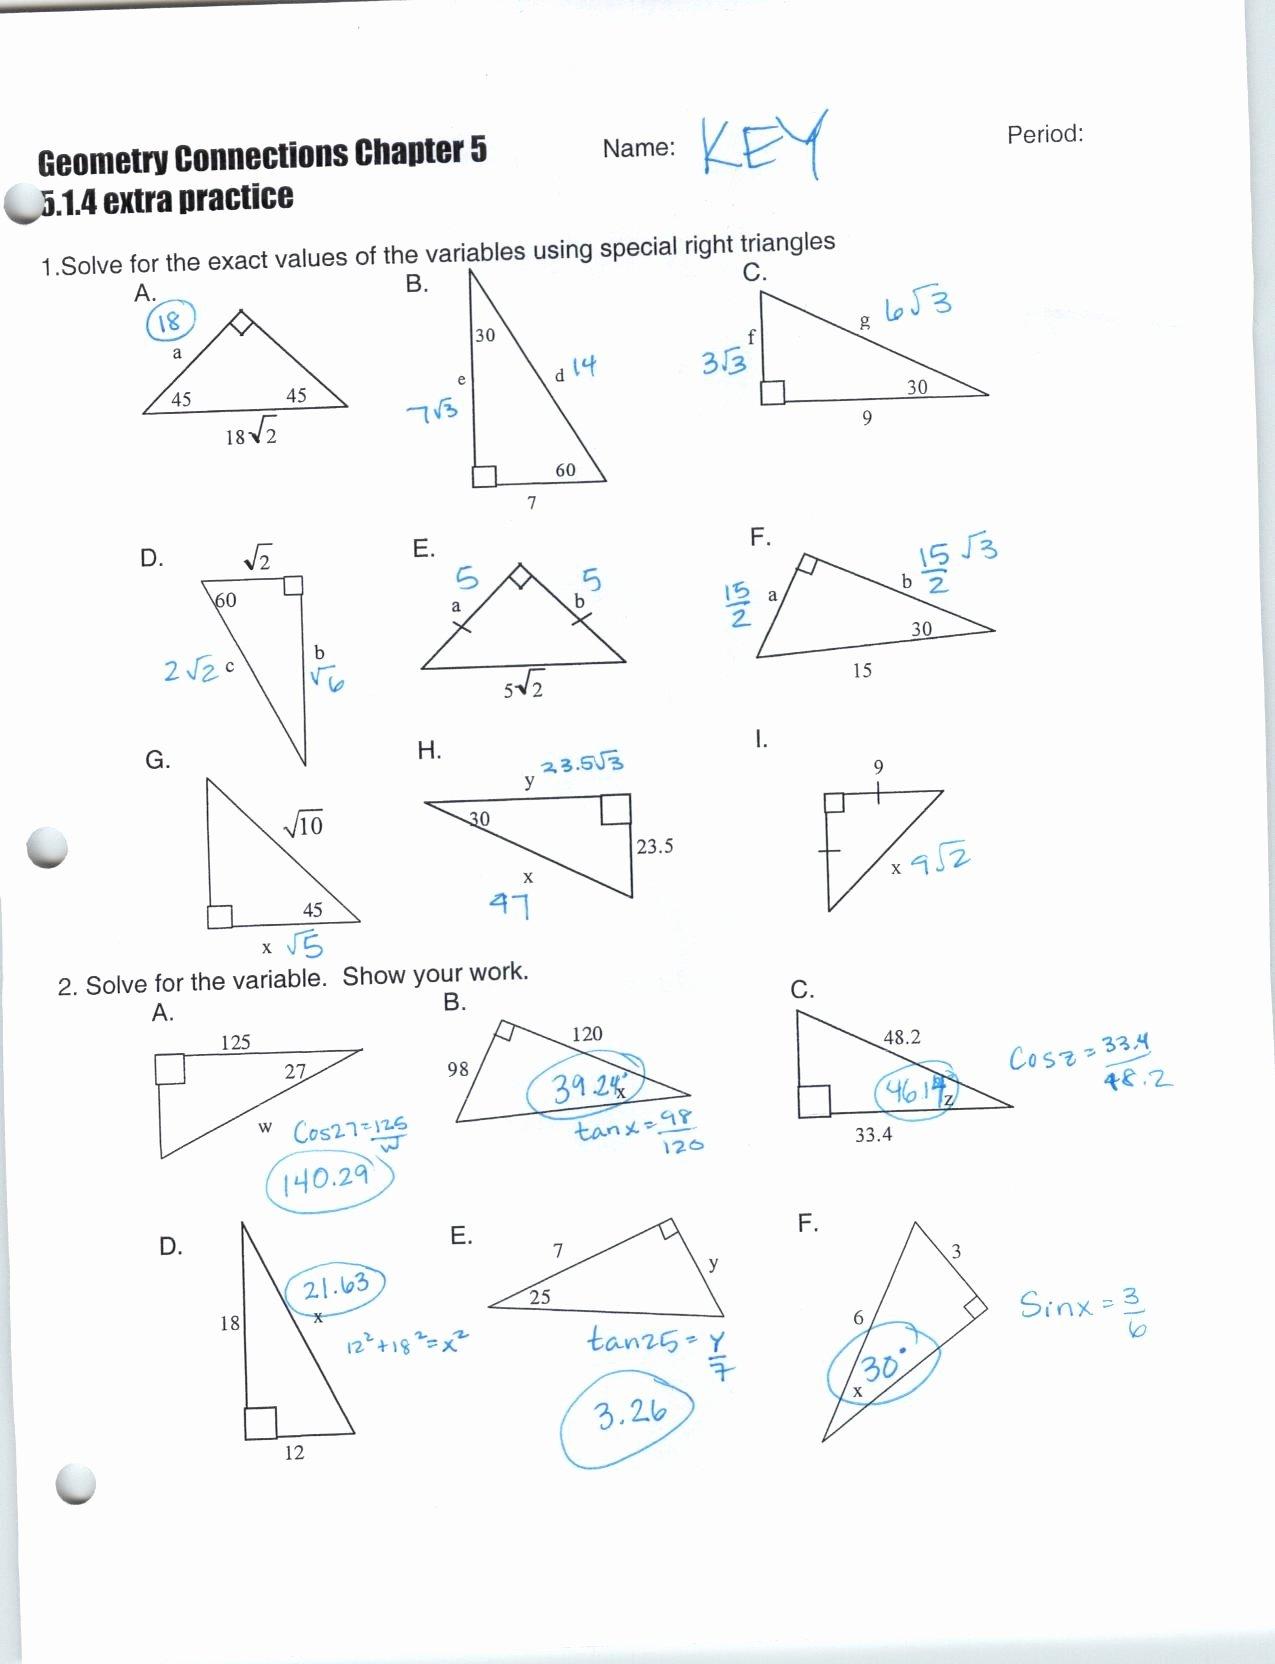 Worksheet Trigonometric Ratios Worksheet Calculating Angle And Throughout Worksheet Trigonometric Ratios Sohcahtoa Answer Key